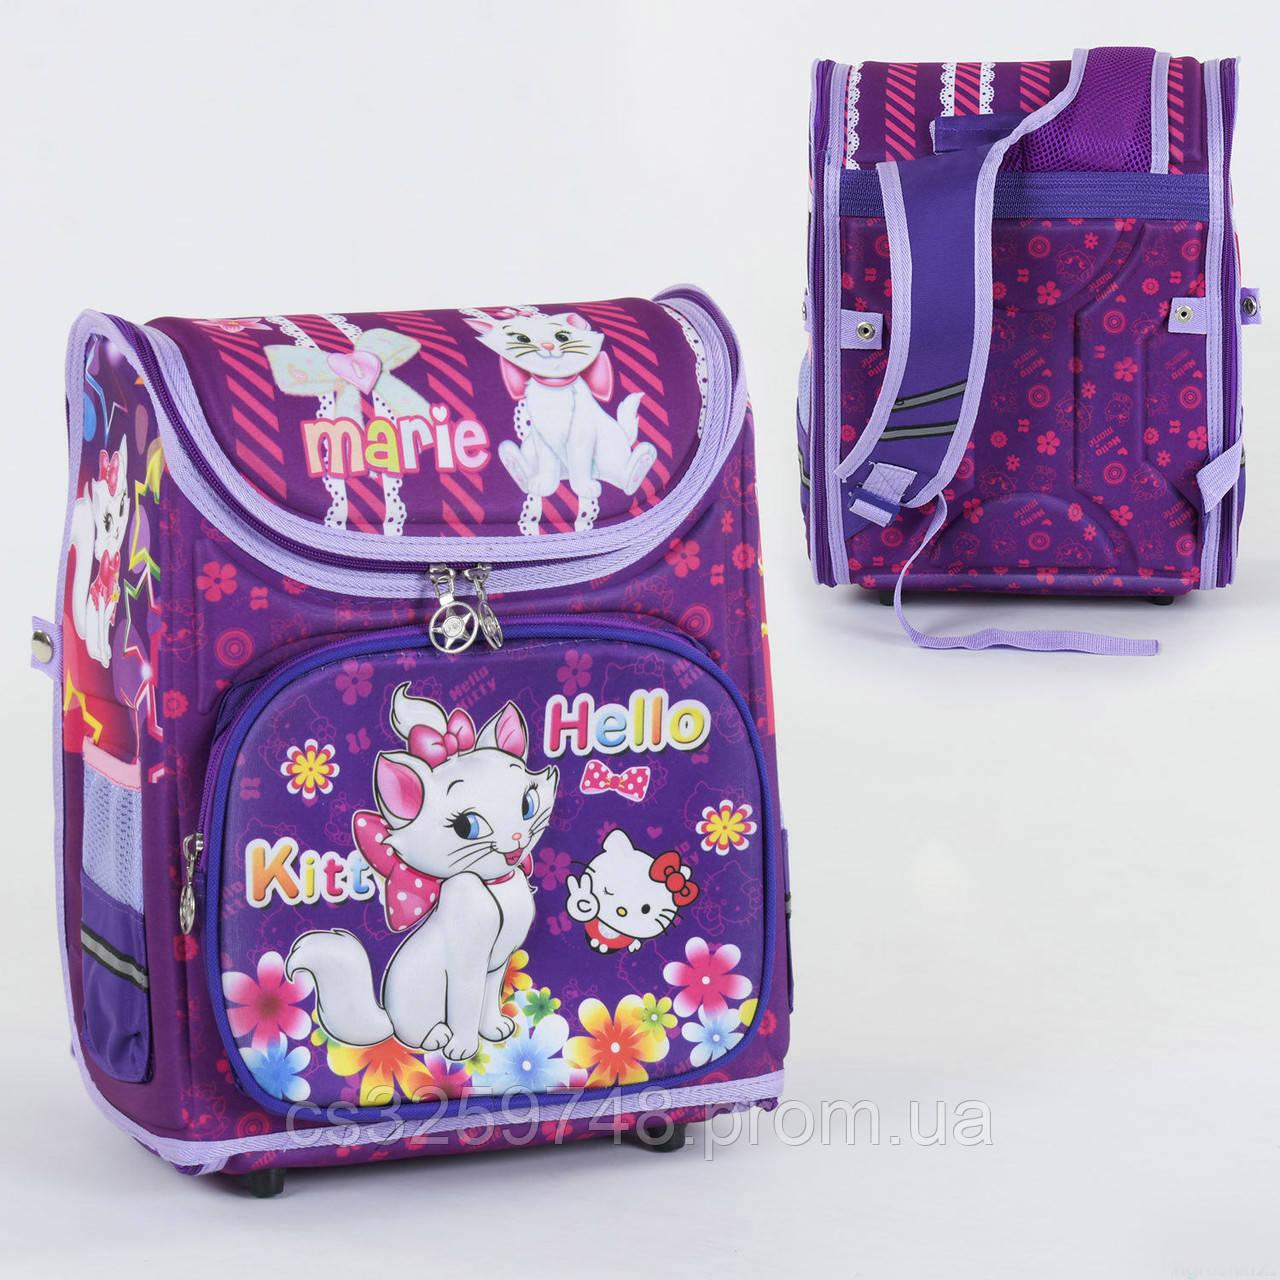 Школьный каркасный рюкзак Hello Kitty С 36176 с ортопедической спинкой на 1 большое отделение, 3D принт